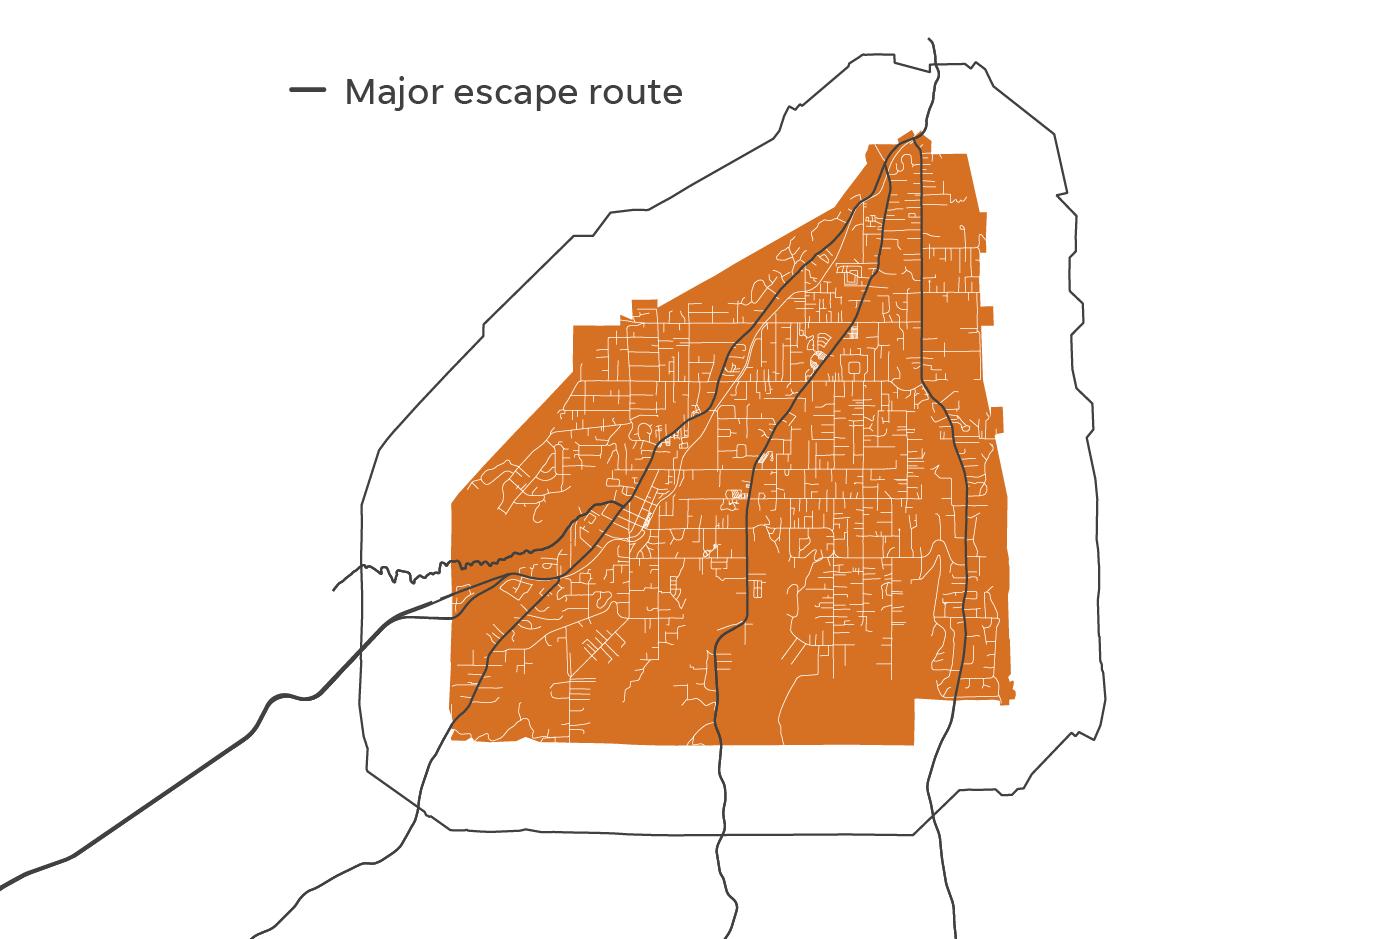 Major escape routes for Paradise, Calif.